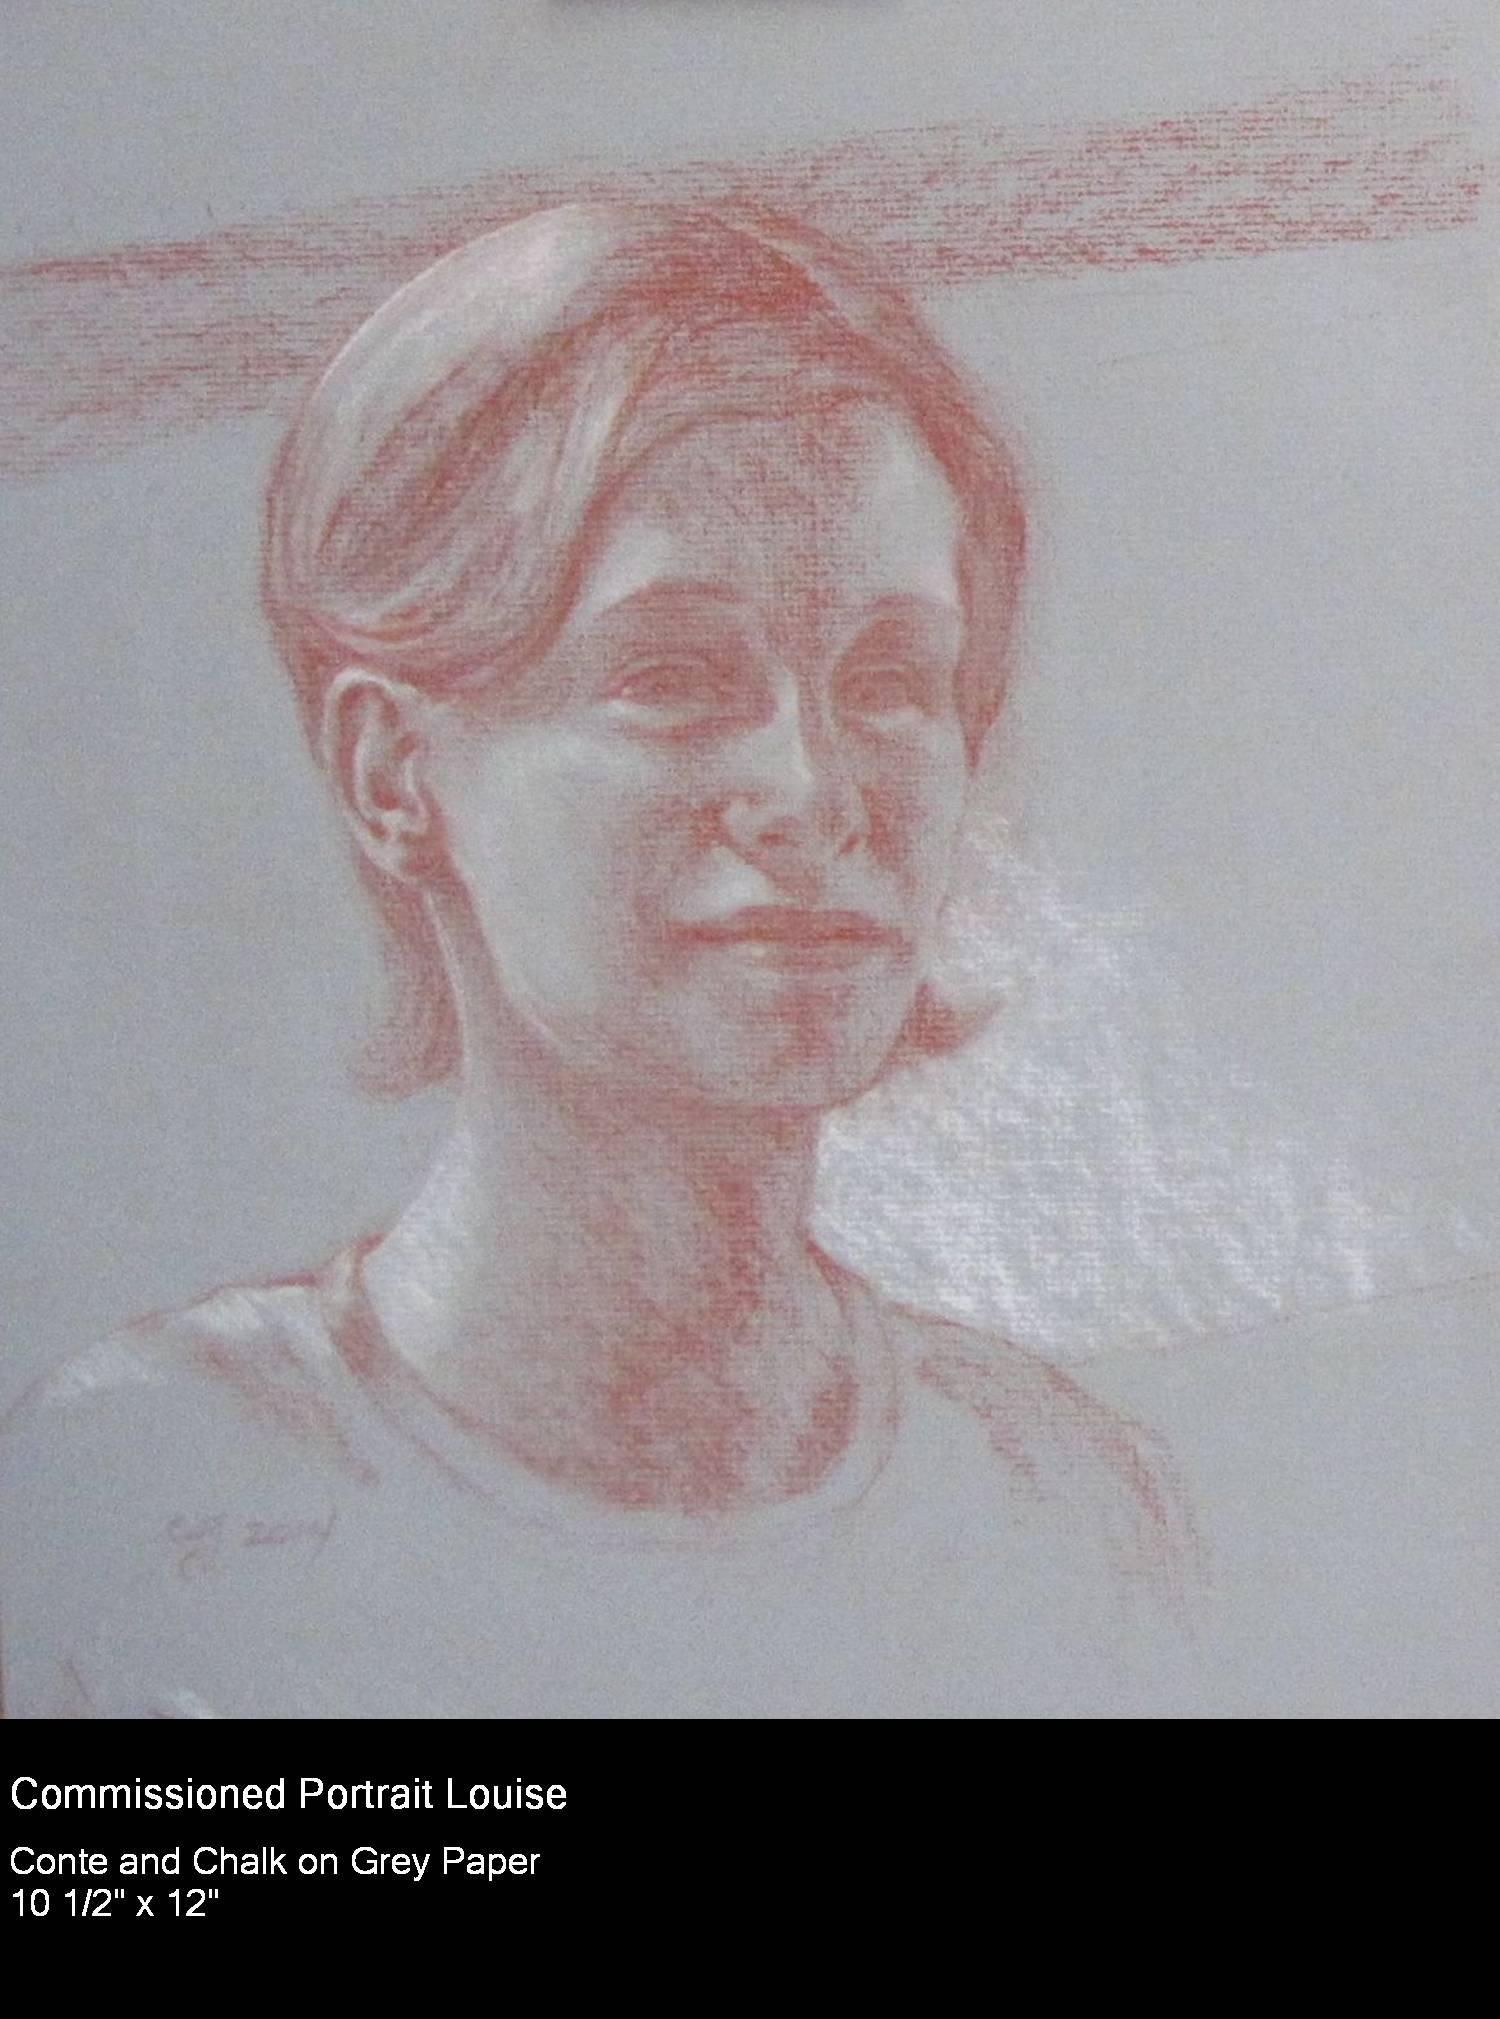 05 Louise Portrait-ss.jpg